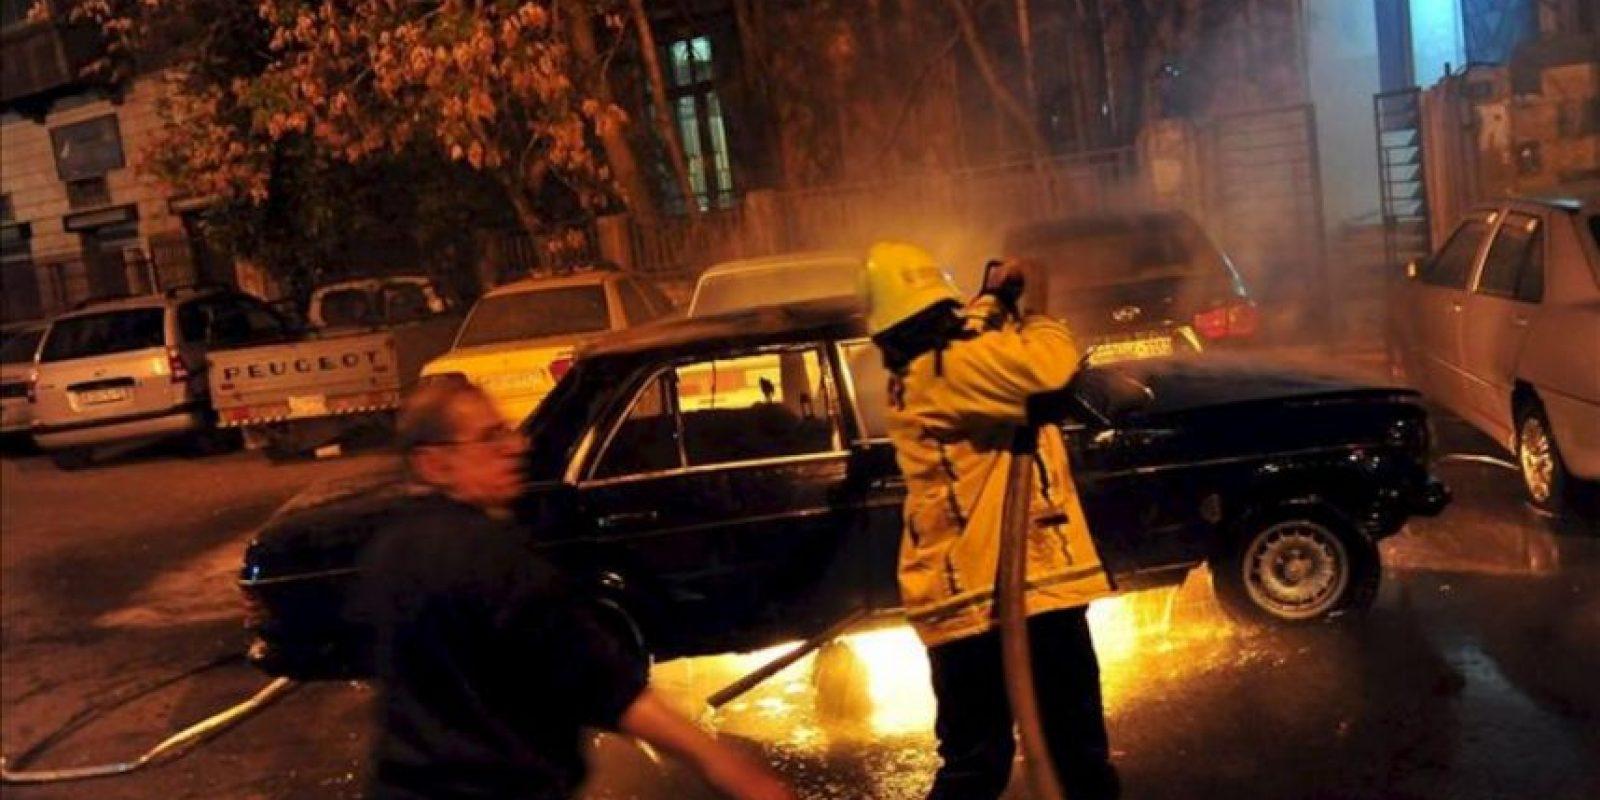 Fotografía cedida por la Agencia Árabe Siria de Noticias (SANA) hoy, lunes 25 de marzo de 2013, de bomberos apagando el fuego en un carro tras la explosión de una bomba en el área residencial de Al-Halbouni, en Damasco (Siria). Una persona resultó herida en el ataque. EFE